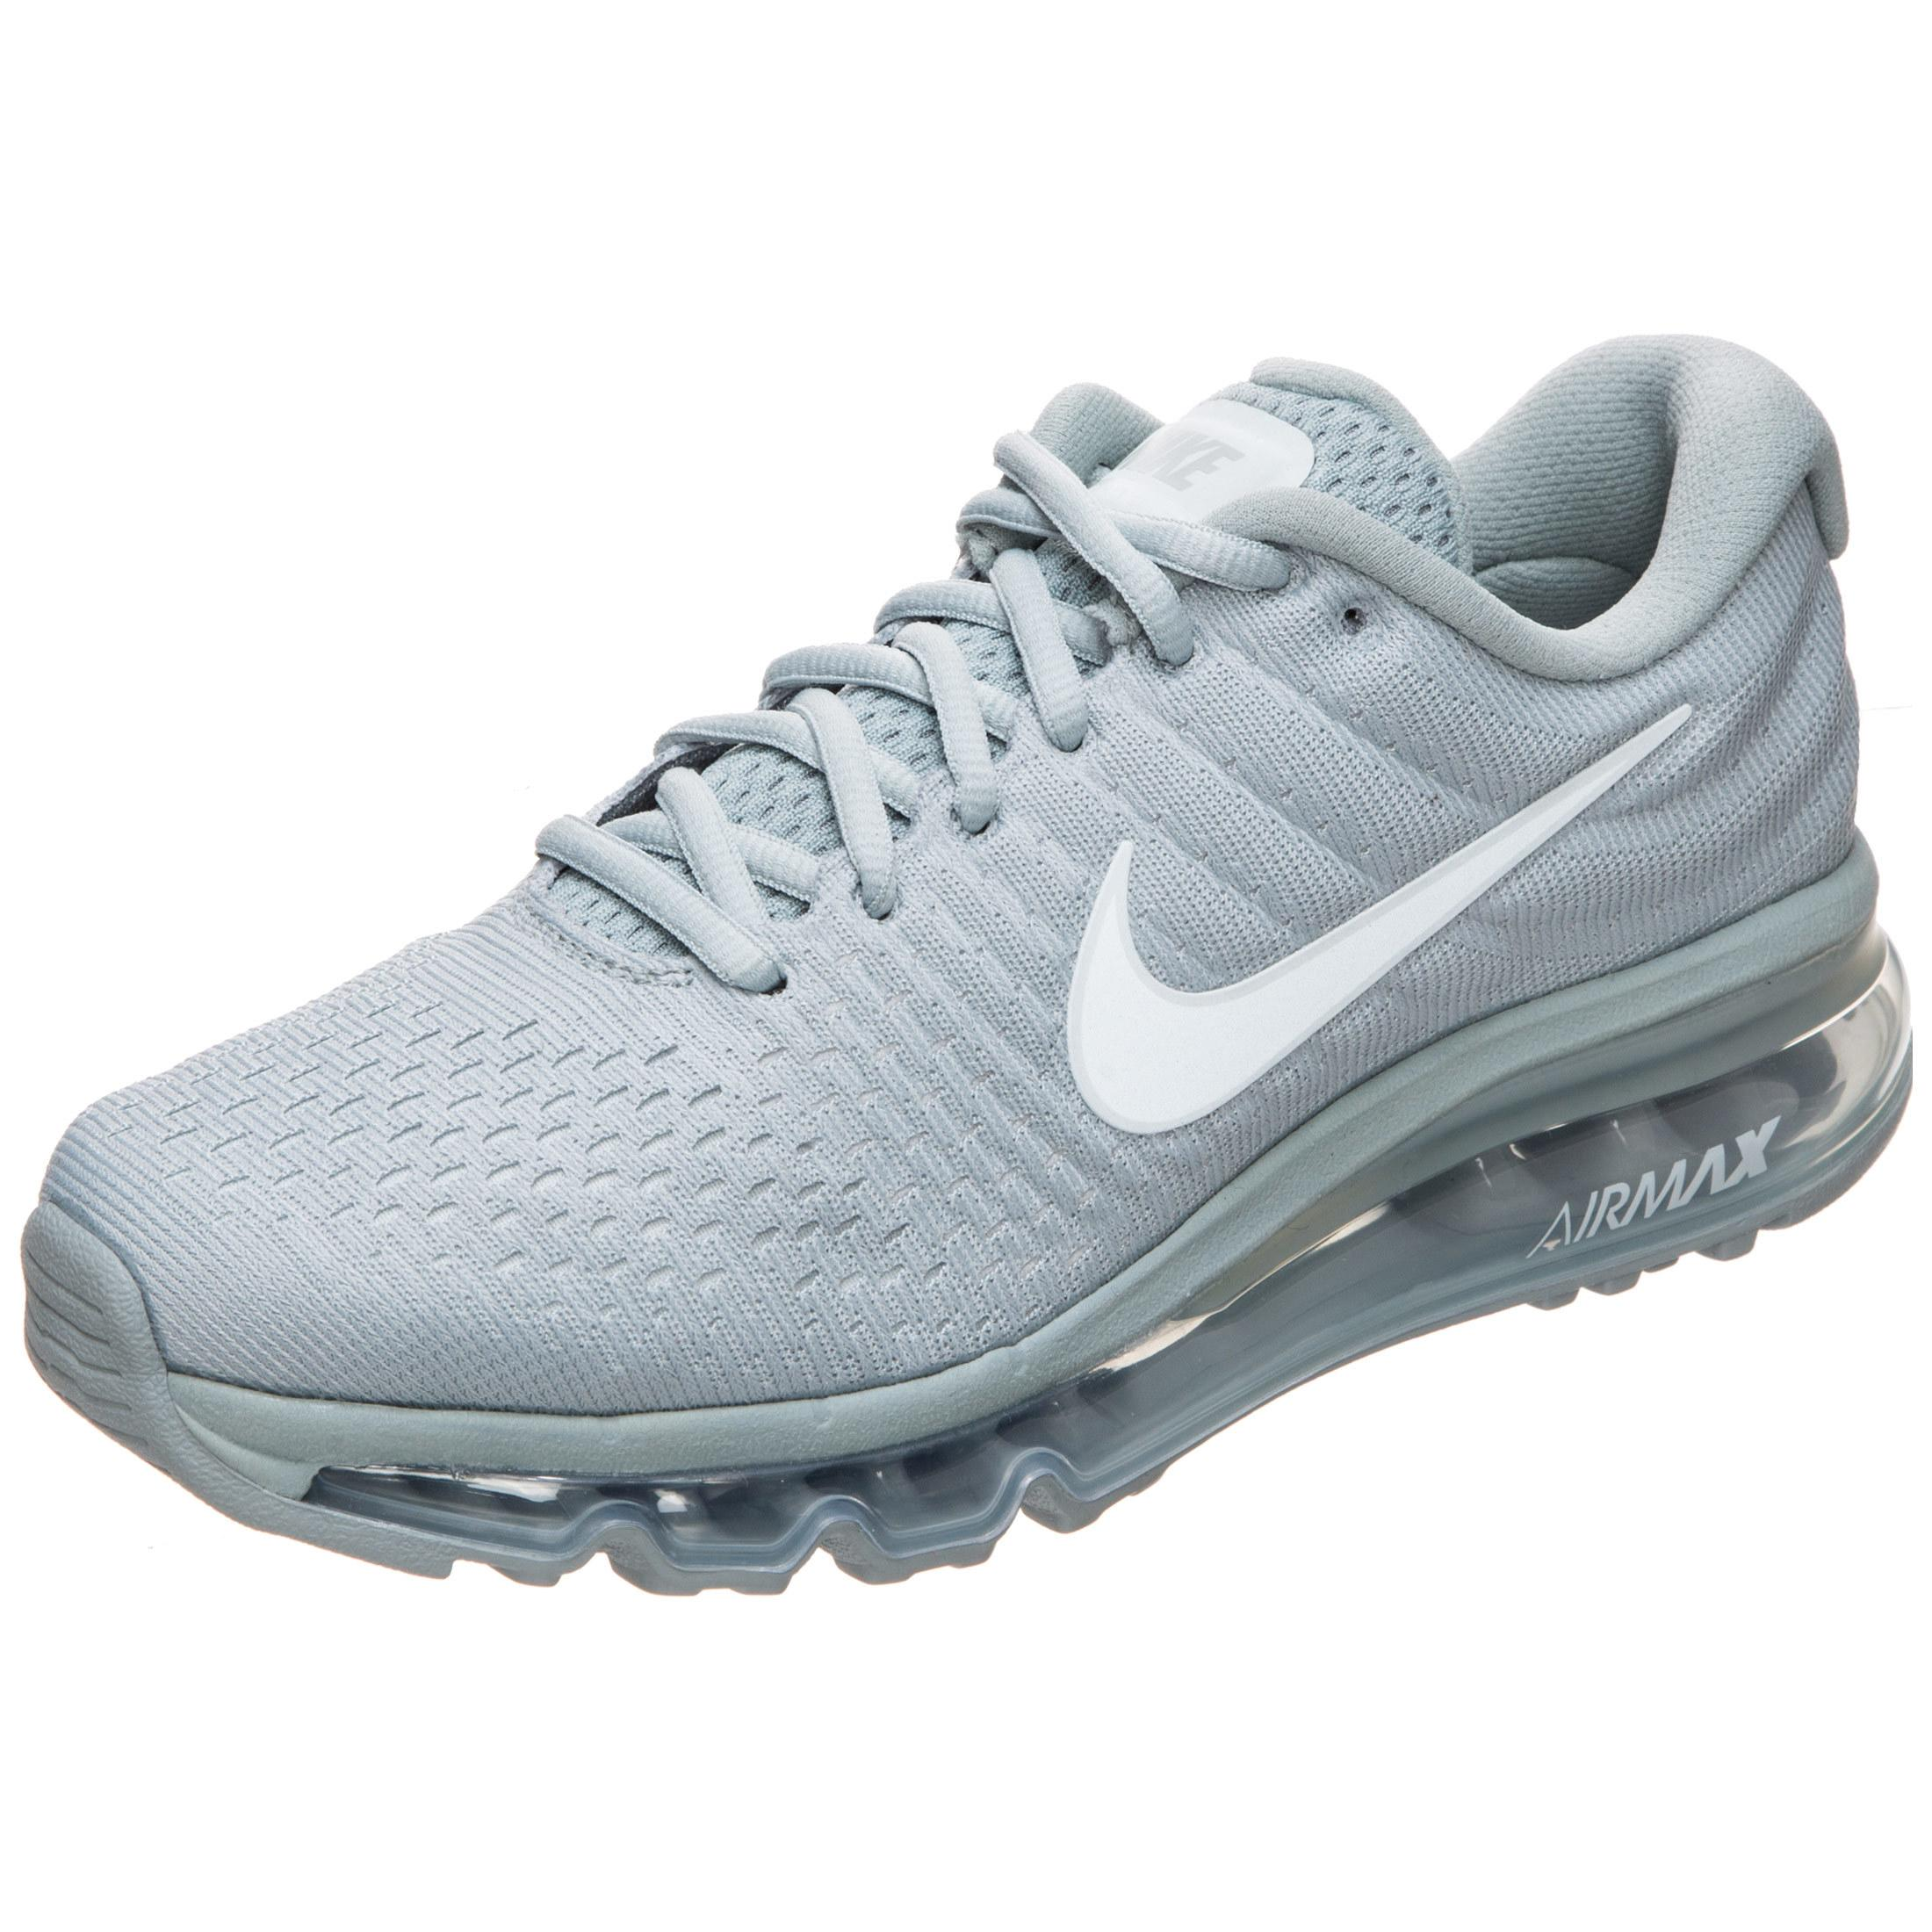 2d98b945f6 Nike Air Max 2017 SE Laufschuhe Damen graugrün im Online Shop von  SportScheck kaufen